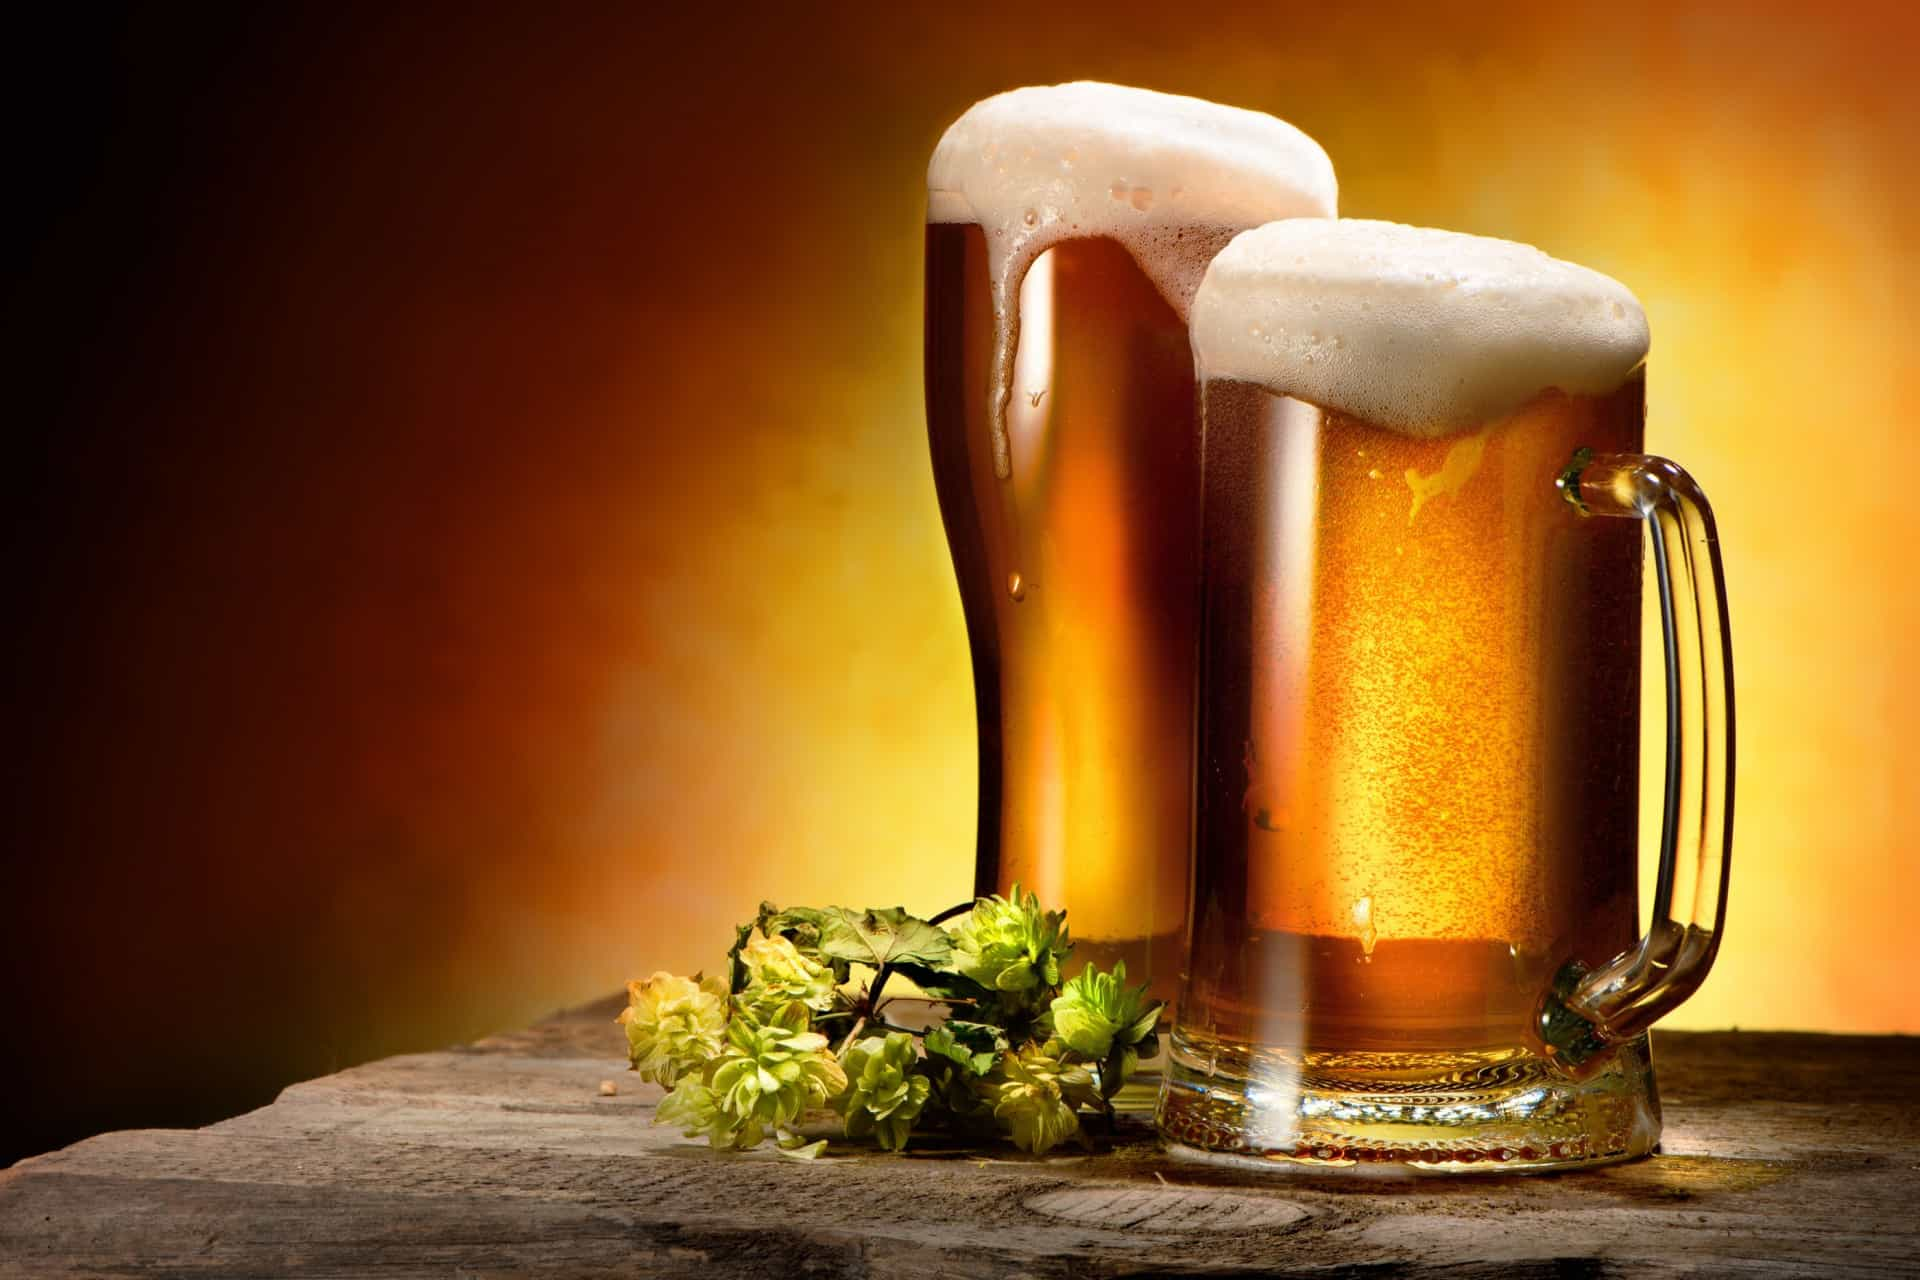 Vida 'louca' sem culpas: Estas são as bebidas alcoólicas menos calóricas